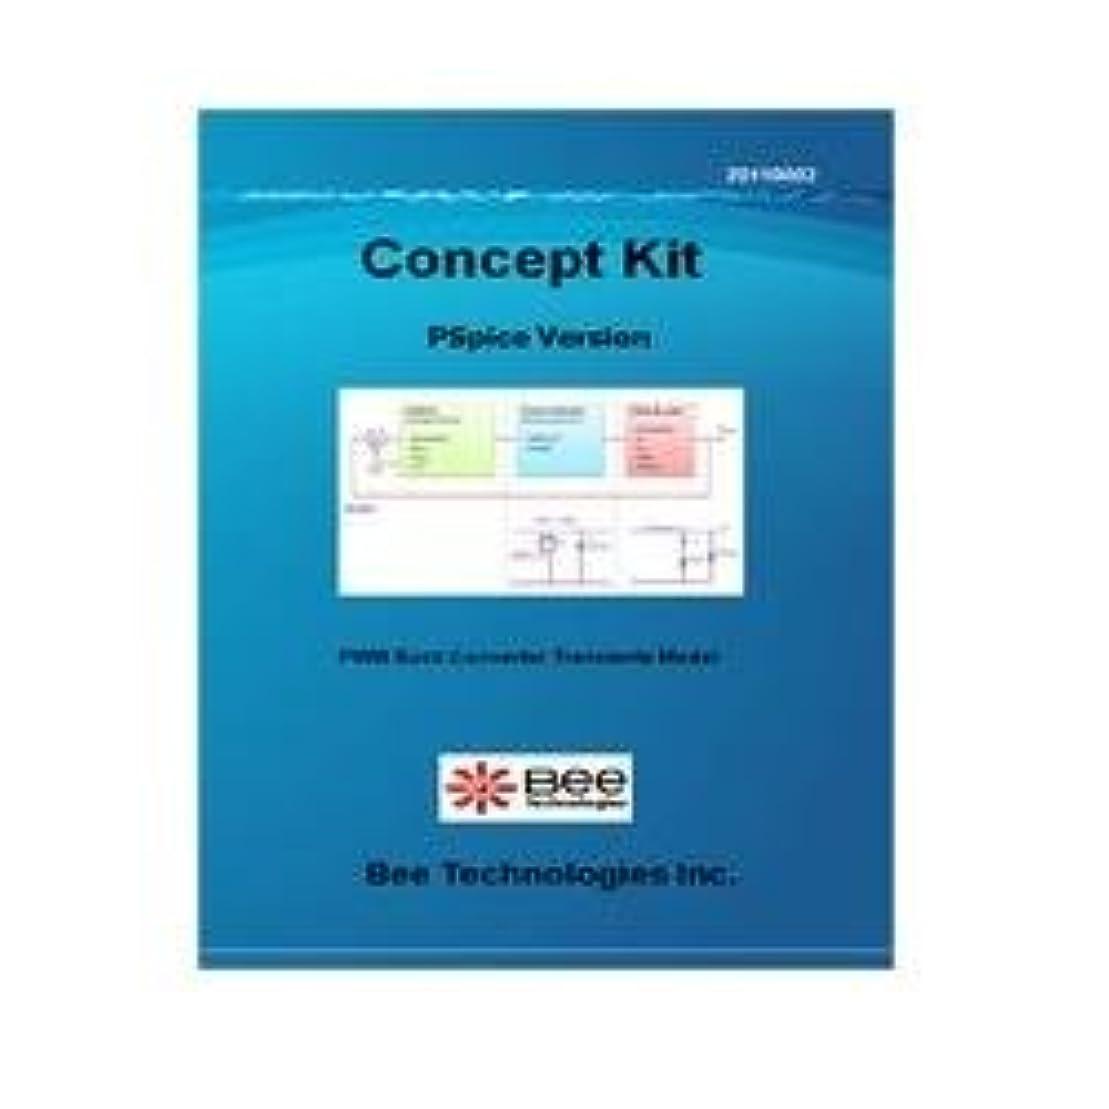 漏れどれ会議Bee Technologies 降圧コンバータ(過渡解析モデル) 【Concept Kit 004】